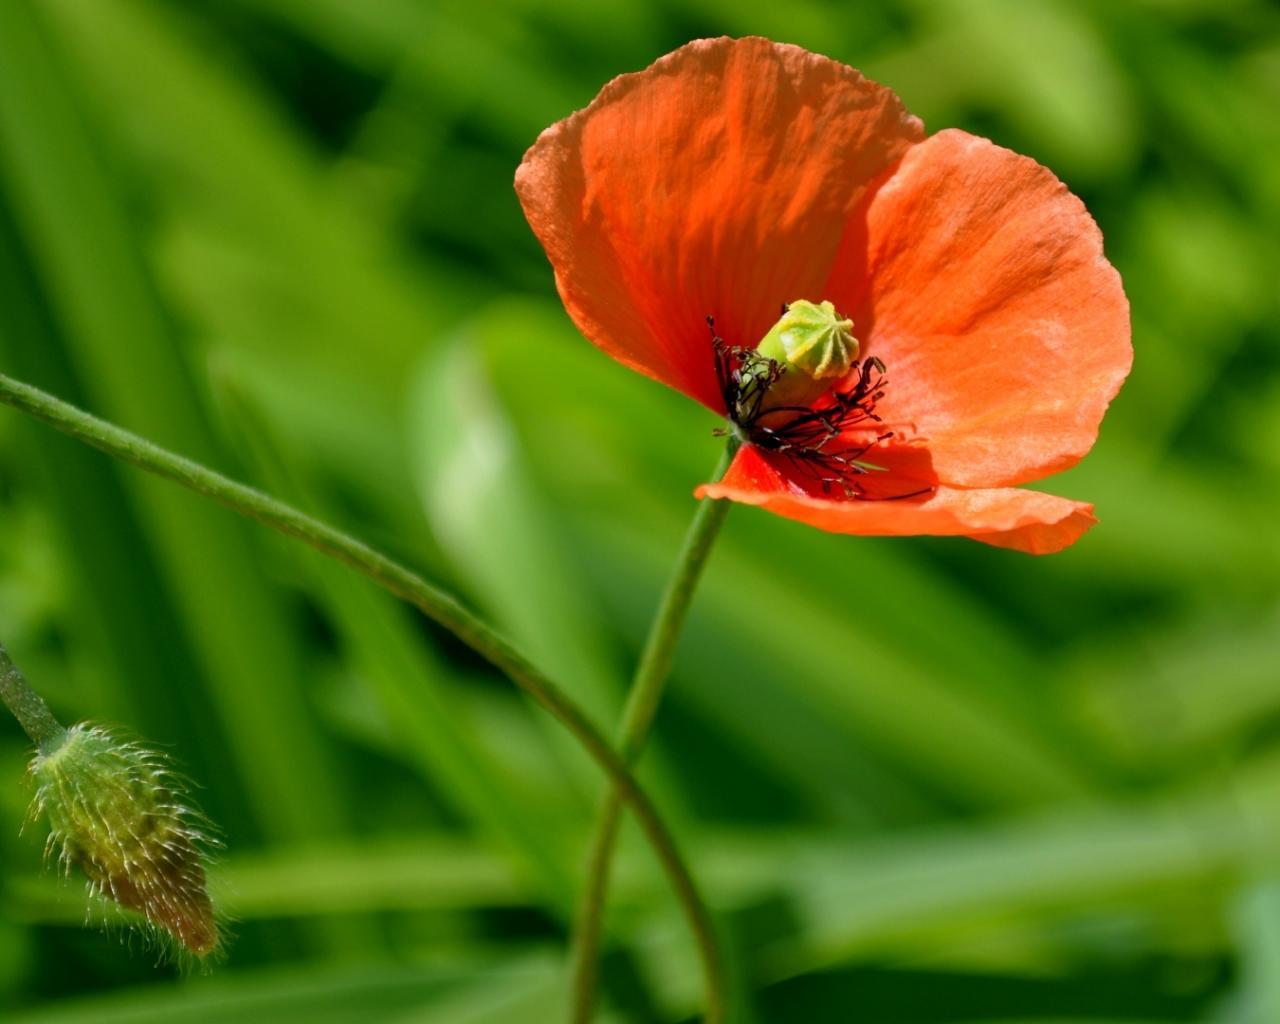 Цветок мак красками